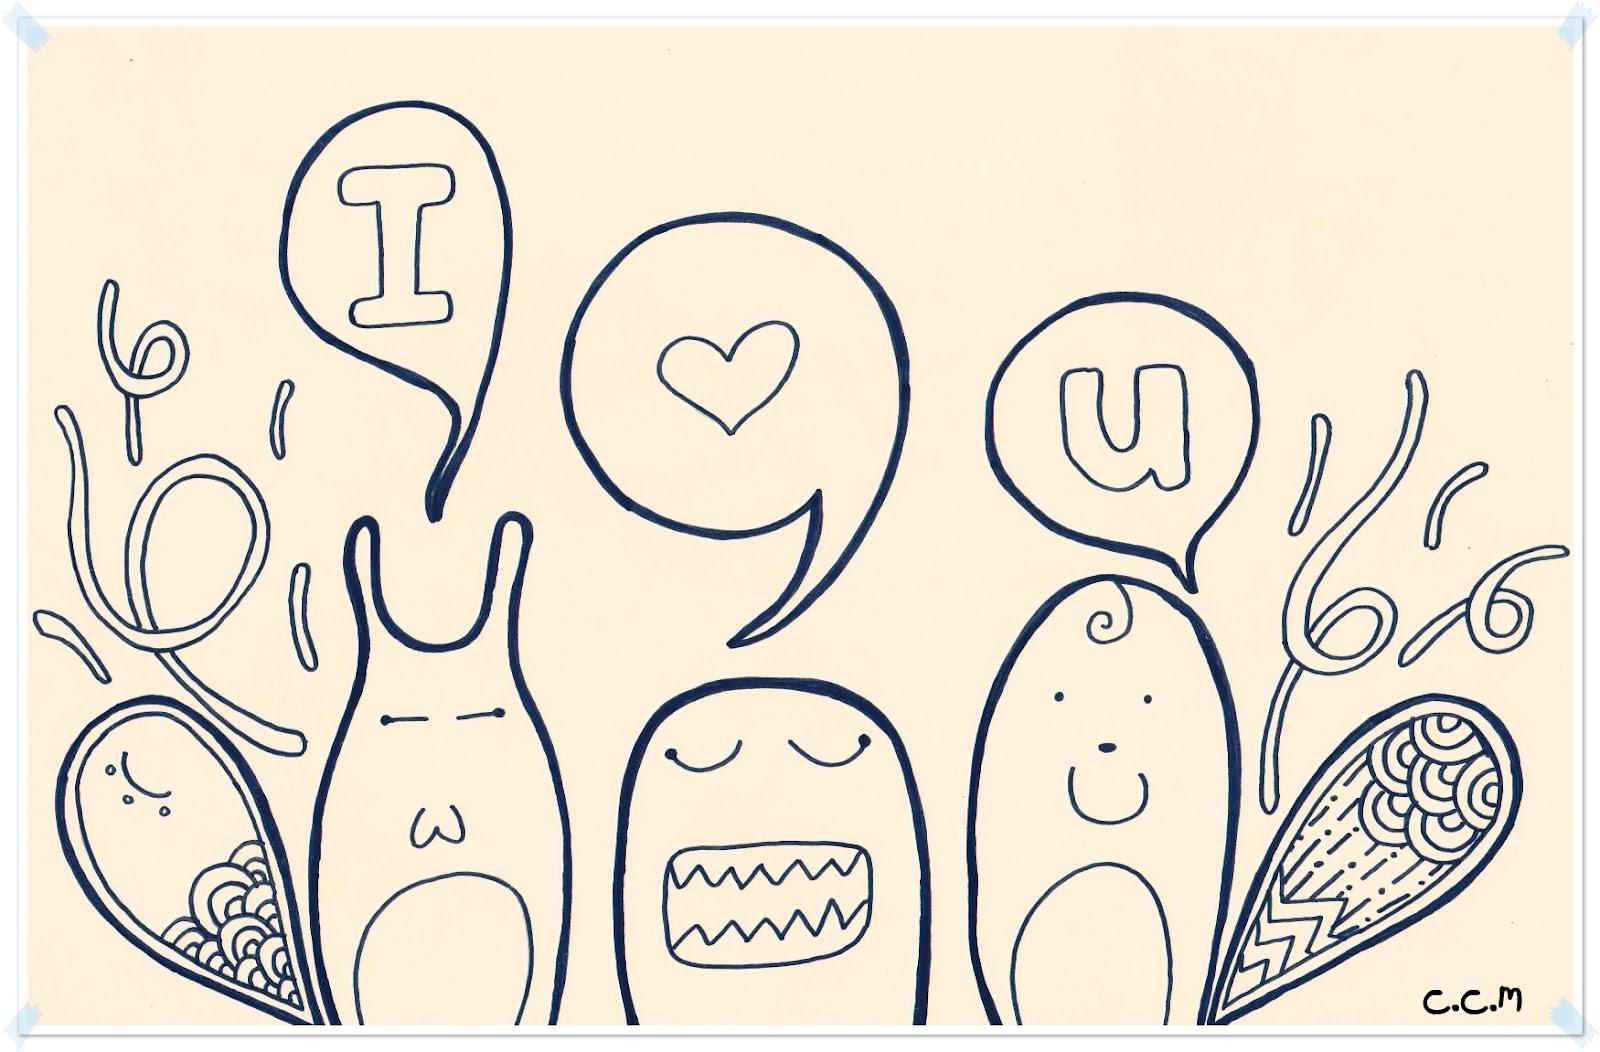 Simple Doodle Designs Request the doodle design Simple Doodle Art Designs